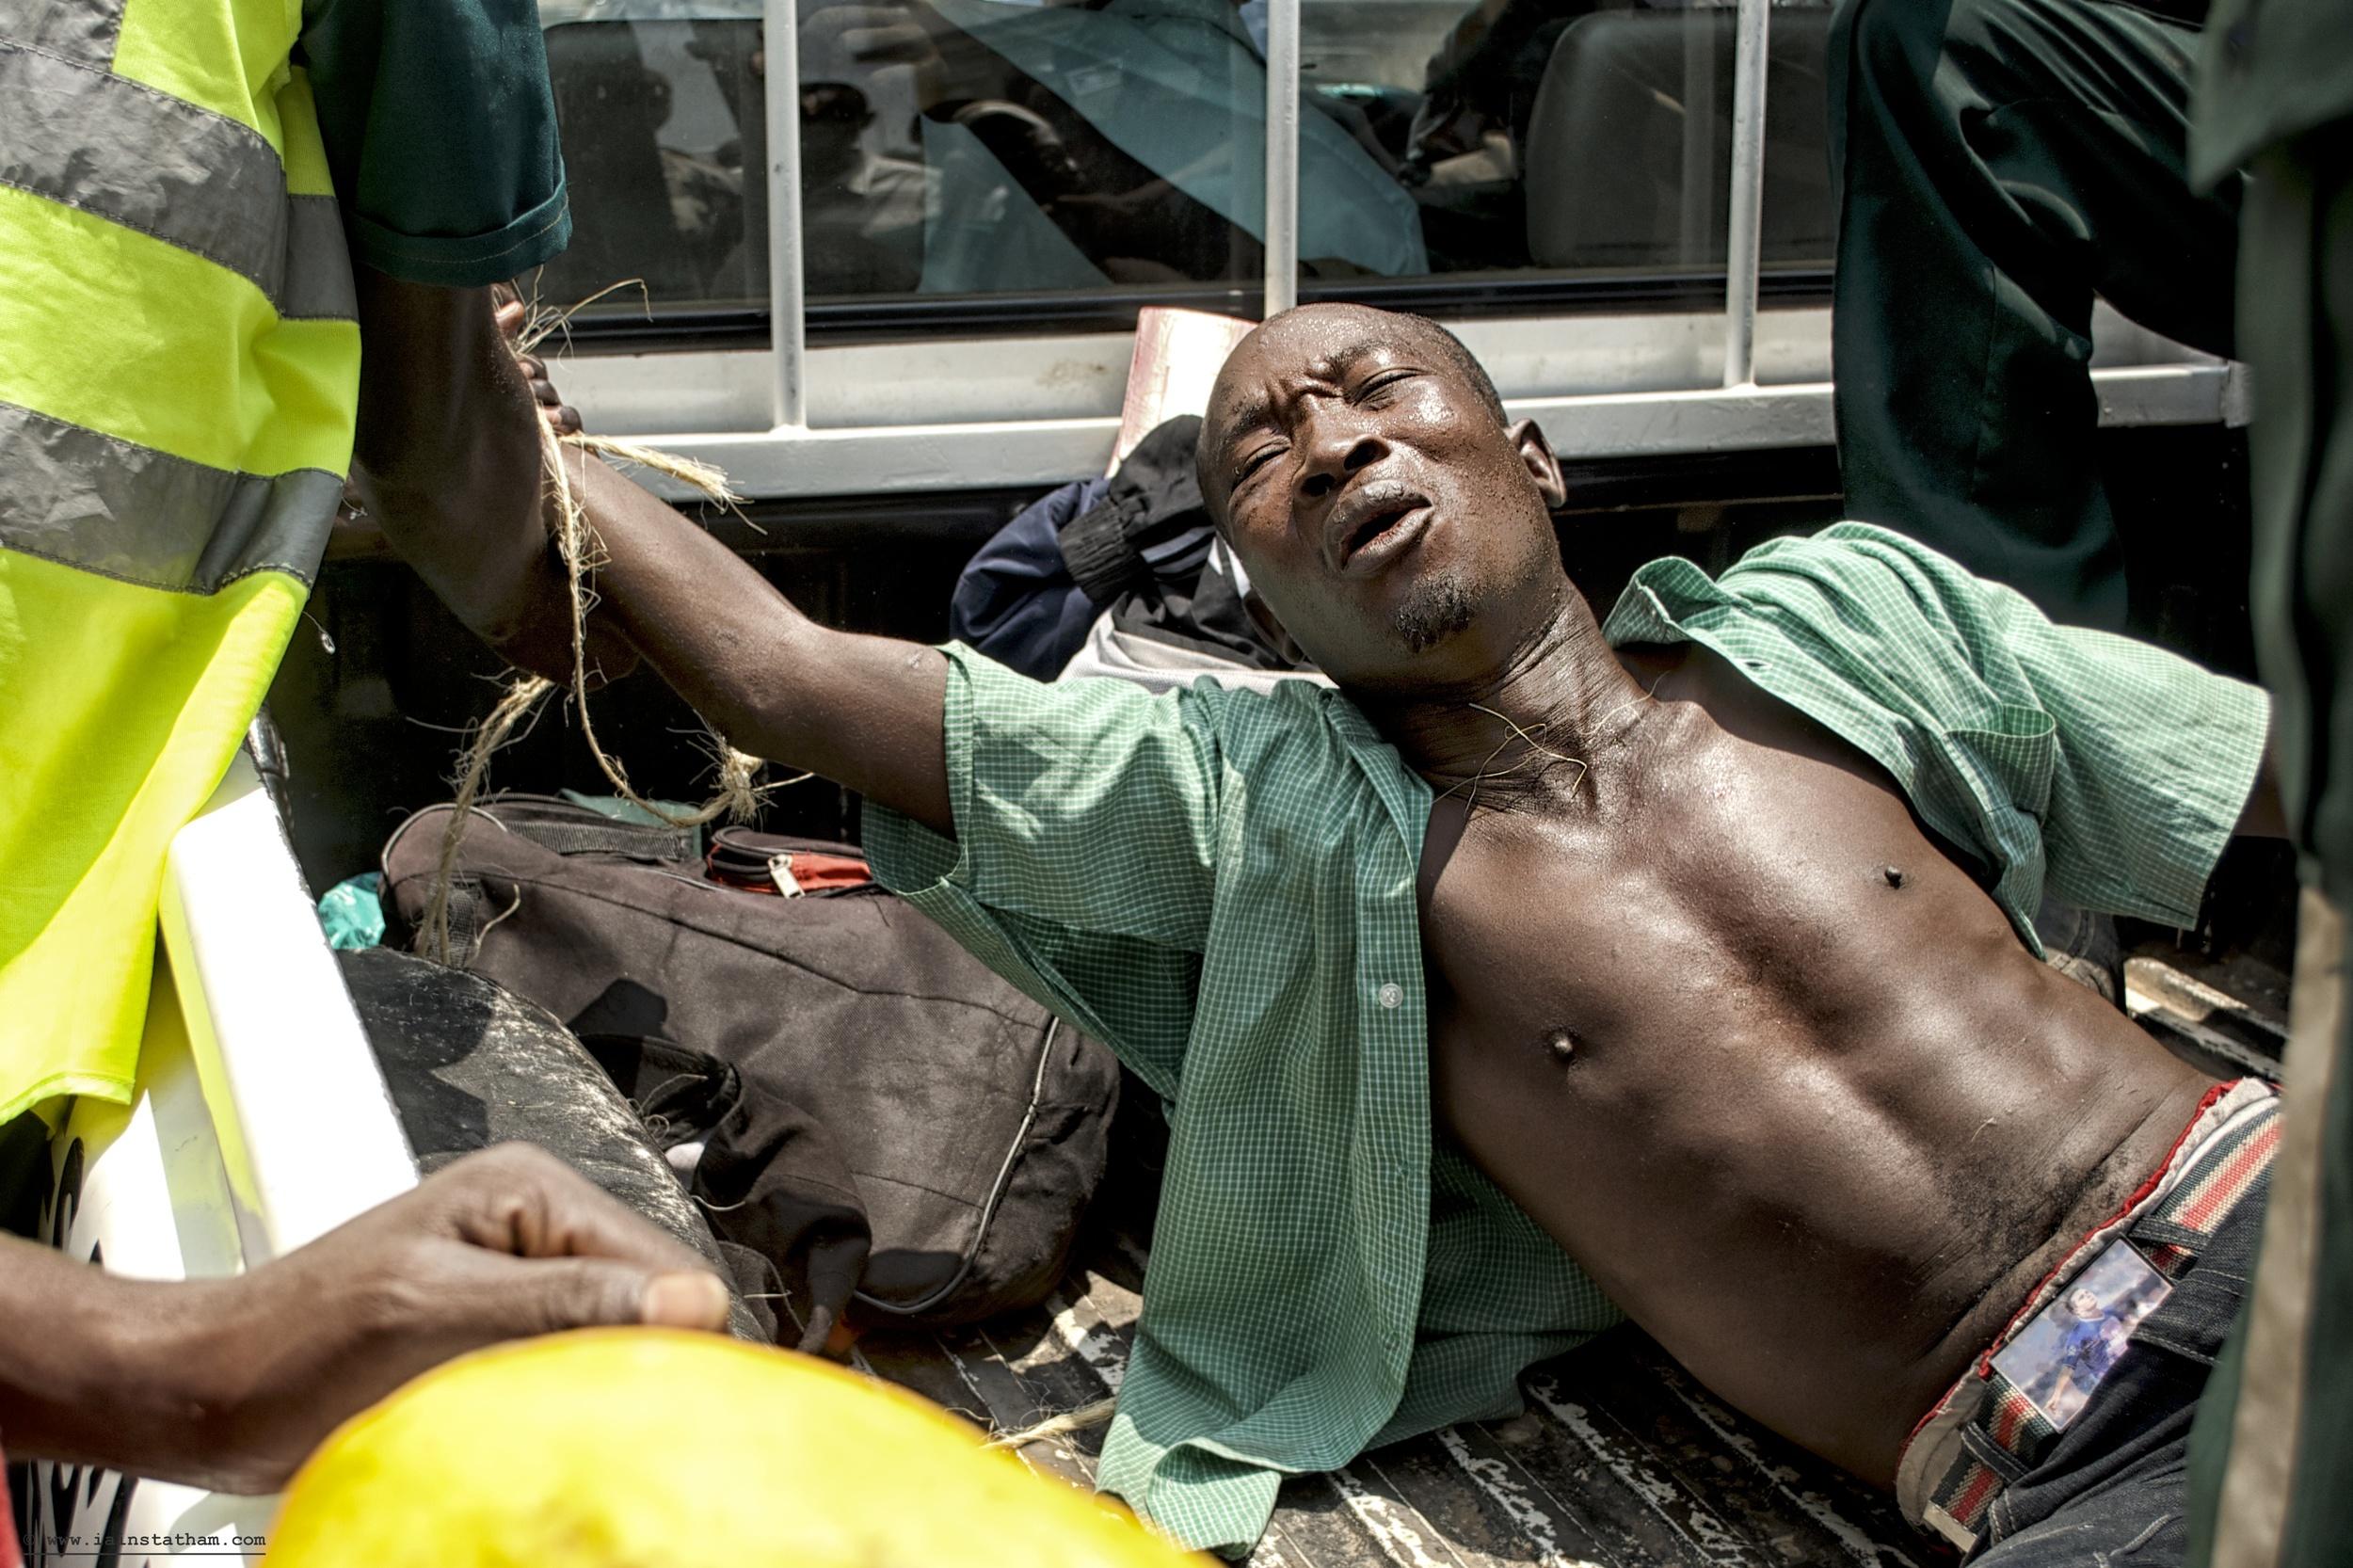 bujumbura thief 6.jpg